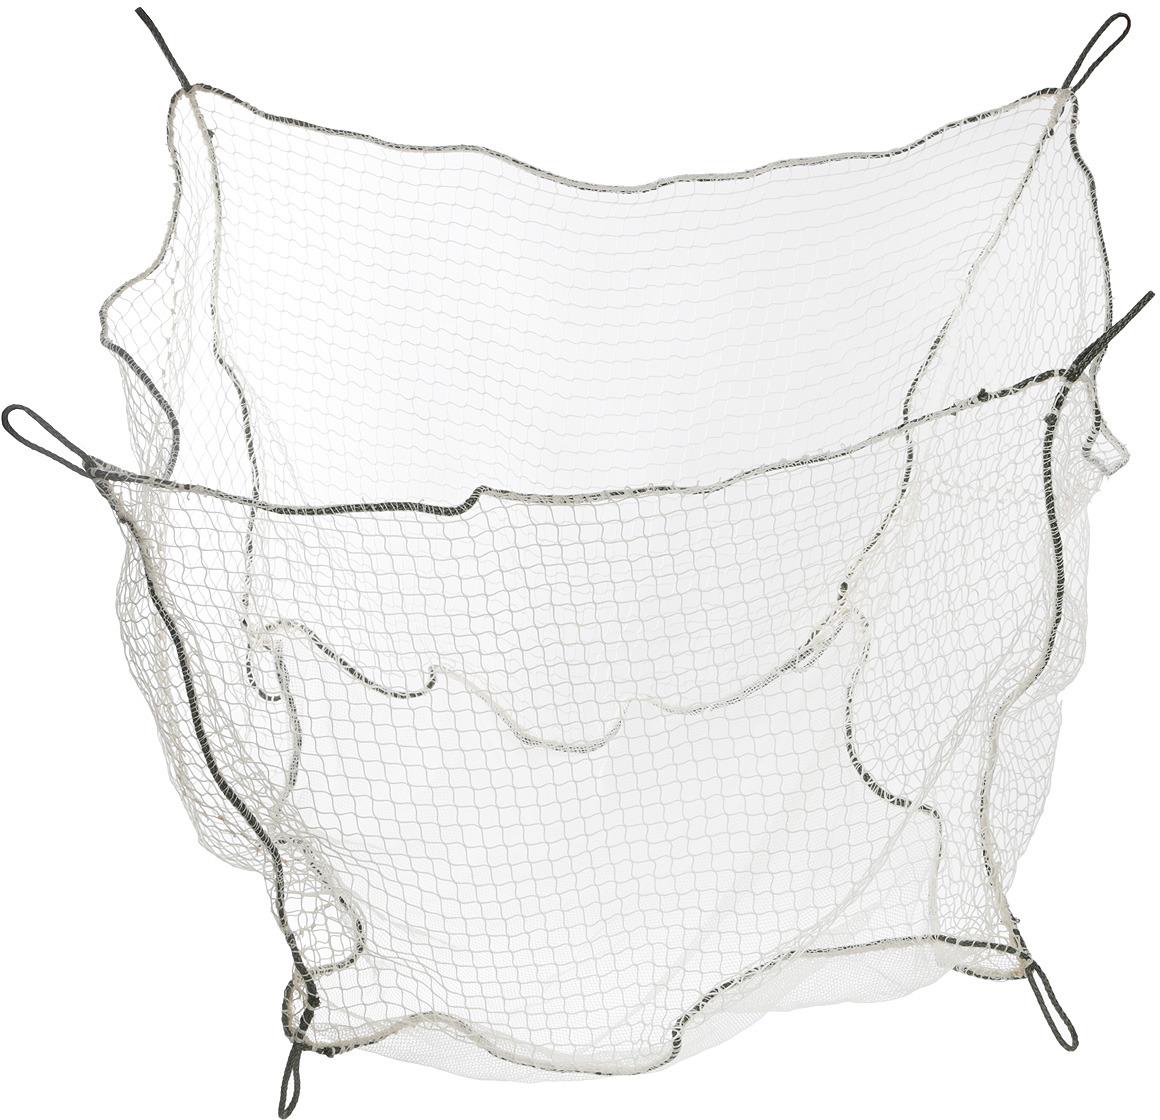 Садок капроновый прямоугольный Пронтекс, для промывки и хранения рыбы до 60 кг, 80 х 80 х 60 см, цвет: серый